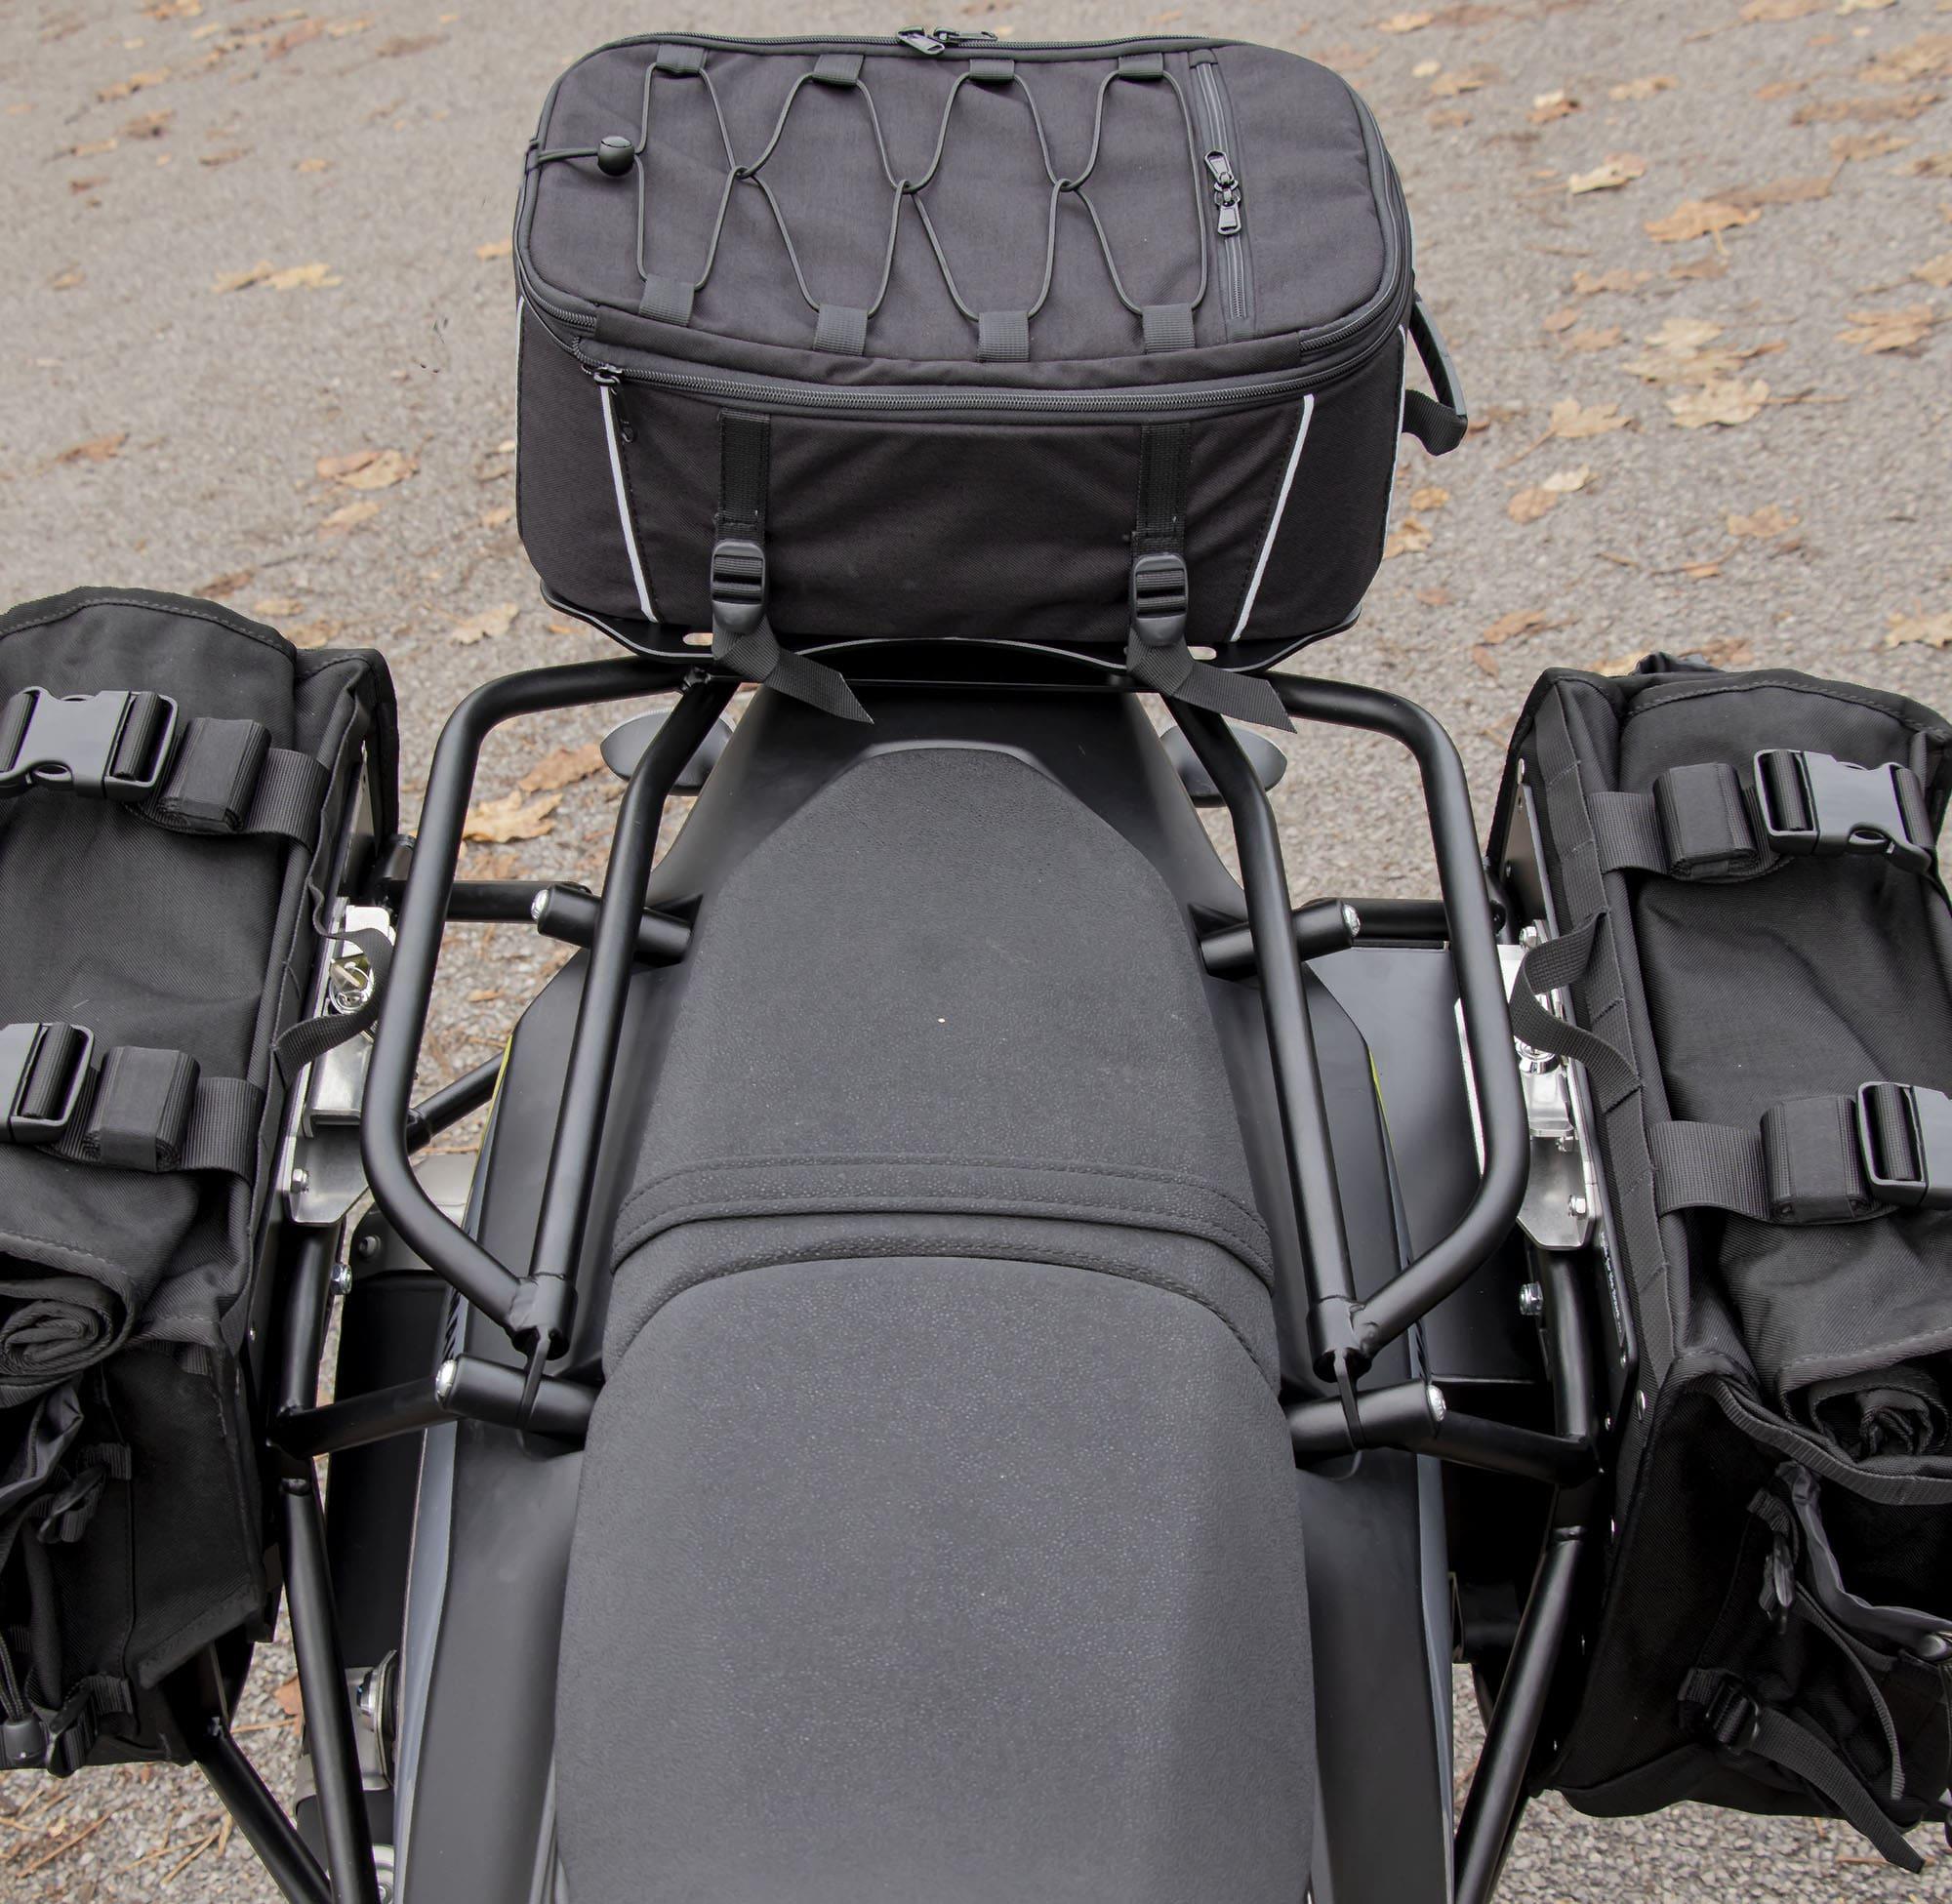 Rear Rack T700